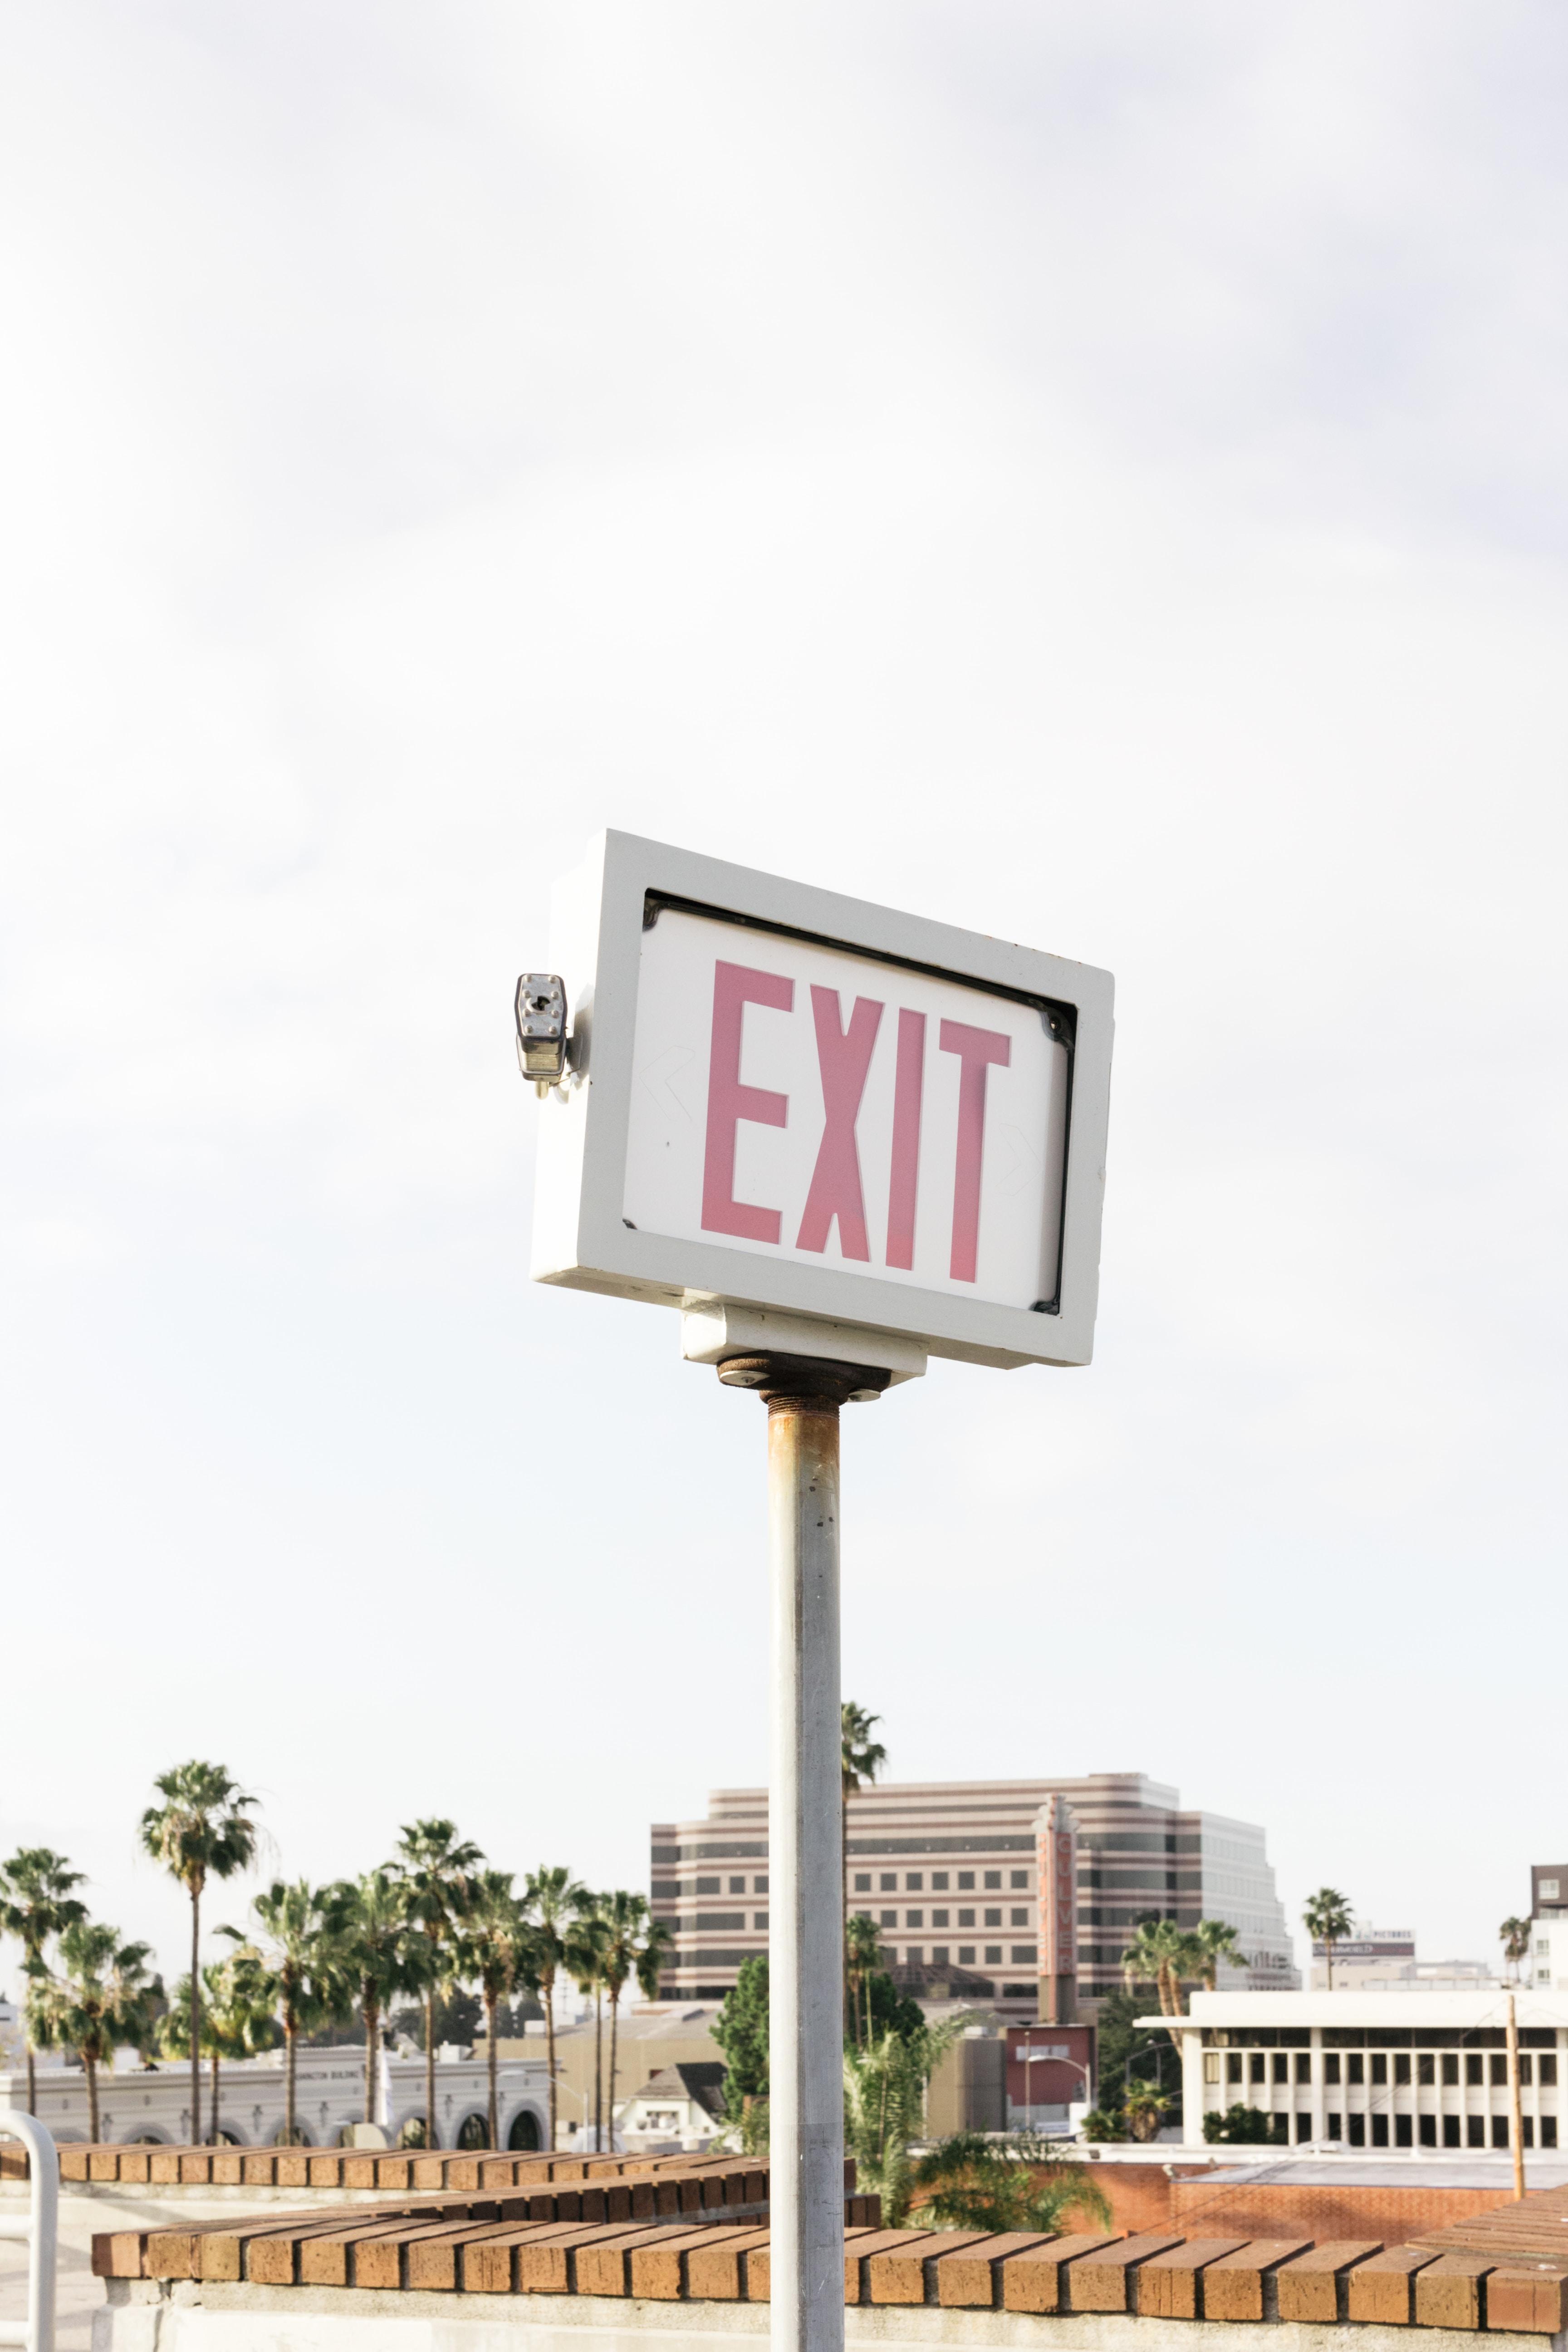 Exit signage near concrete building